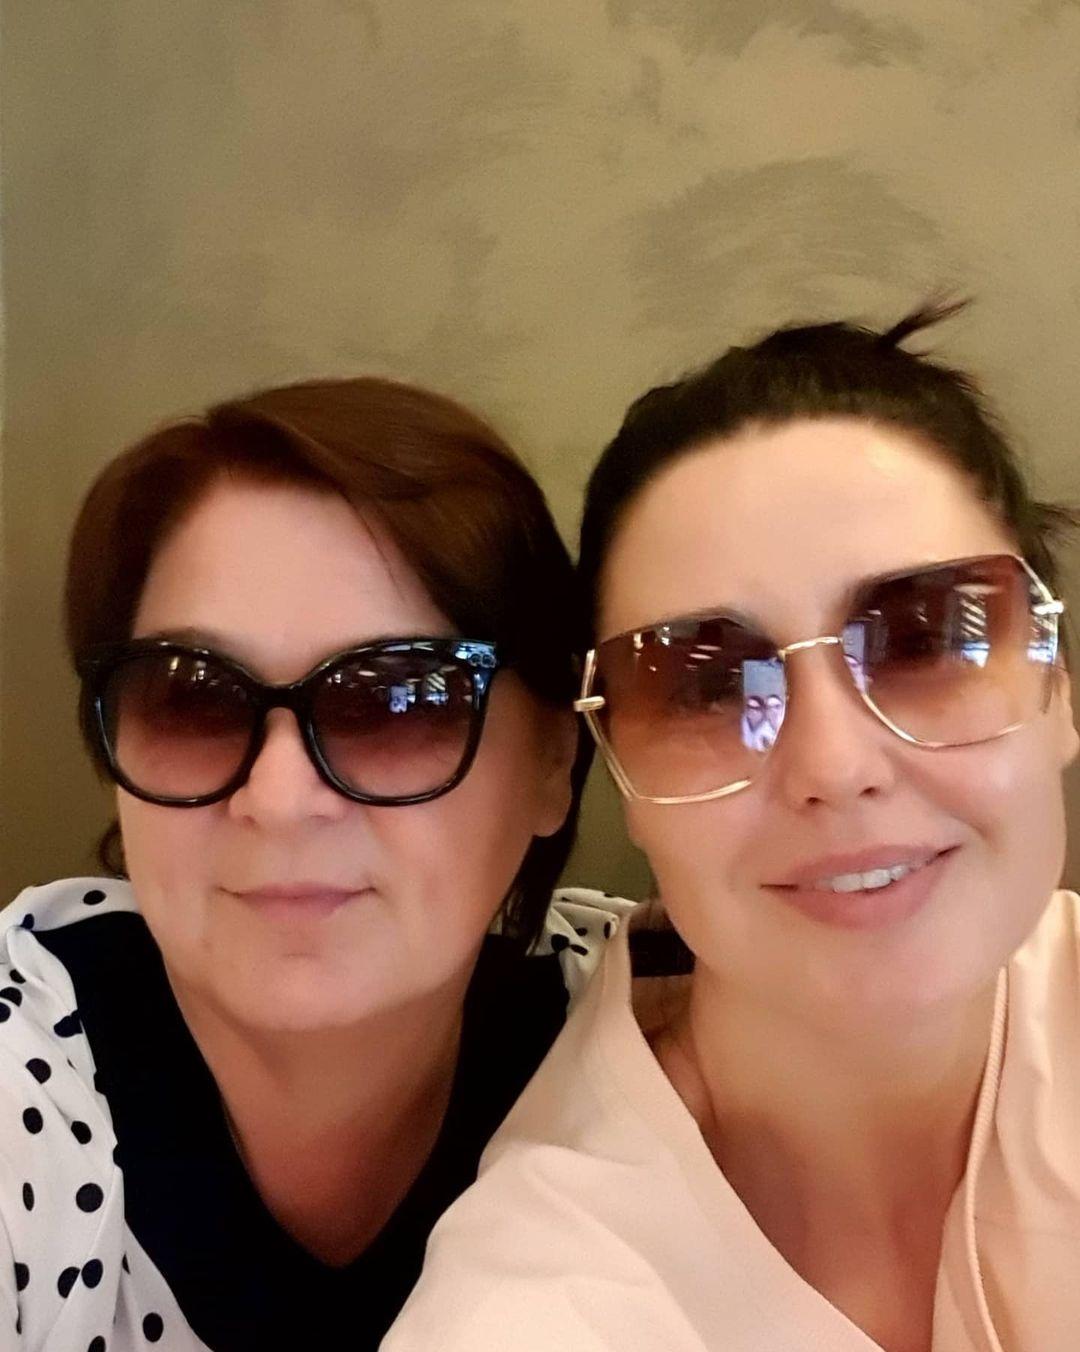 день матери украинские звезды как празднуют что дарят Людмила Барбир семья мать